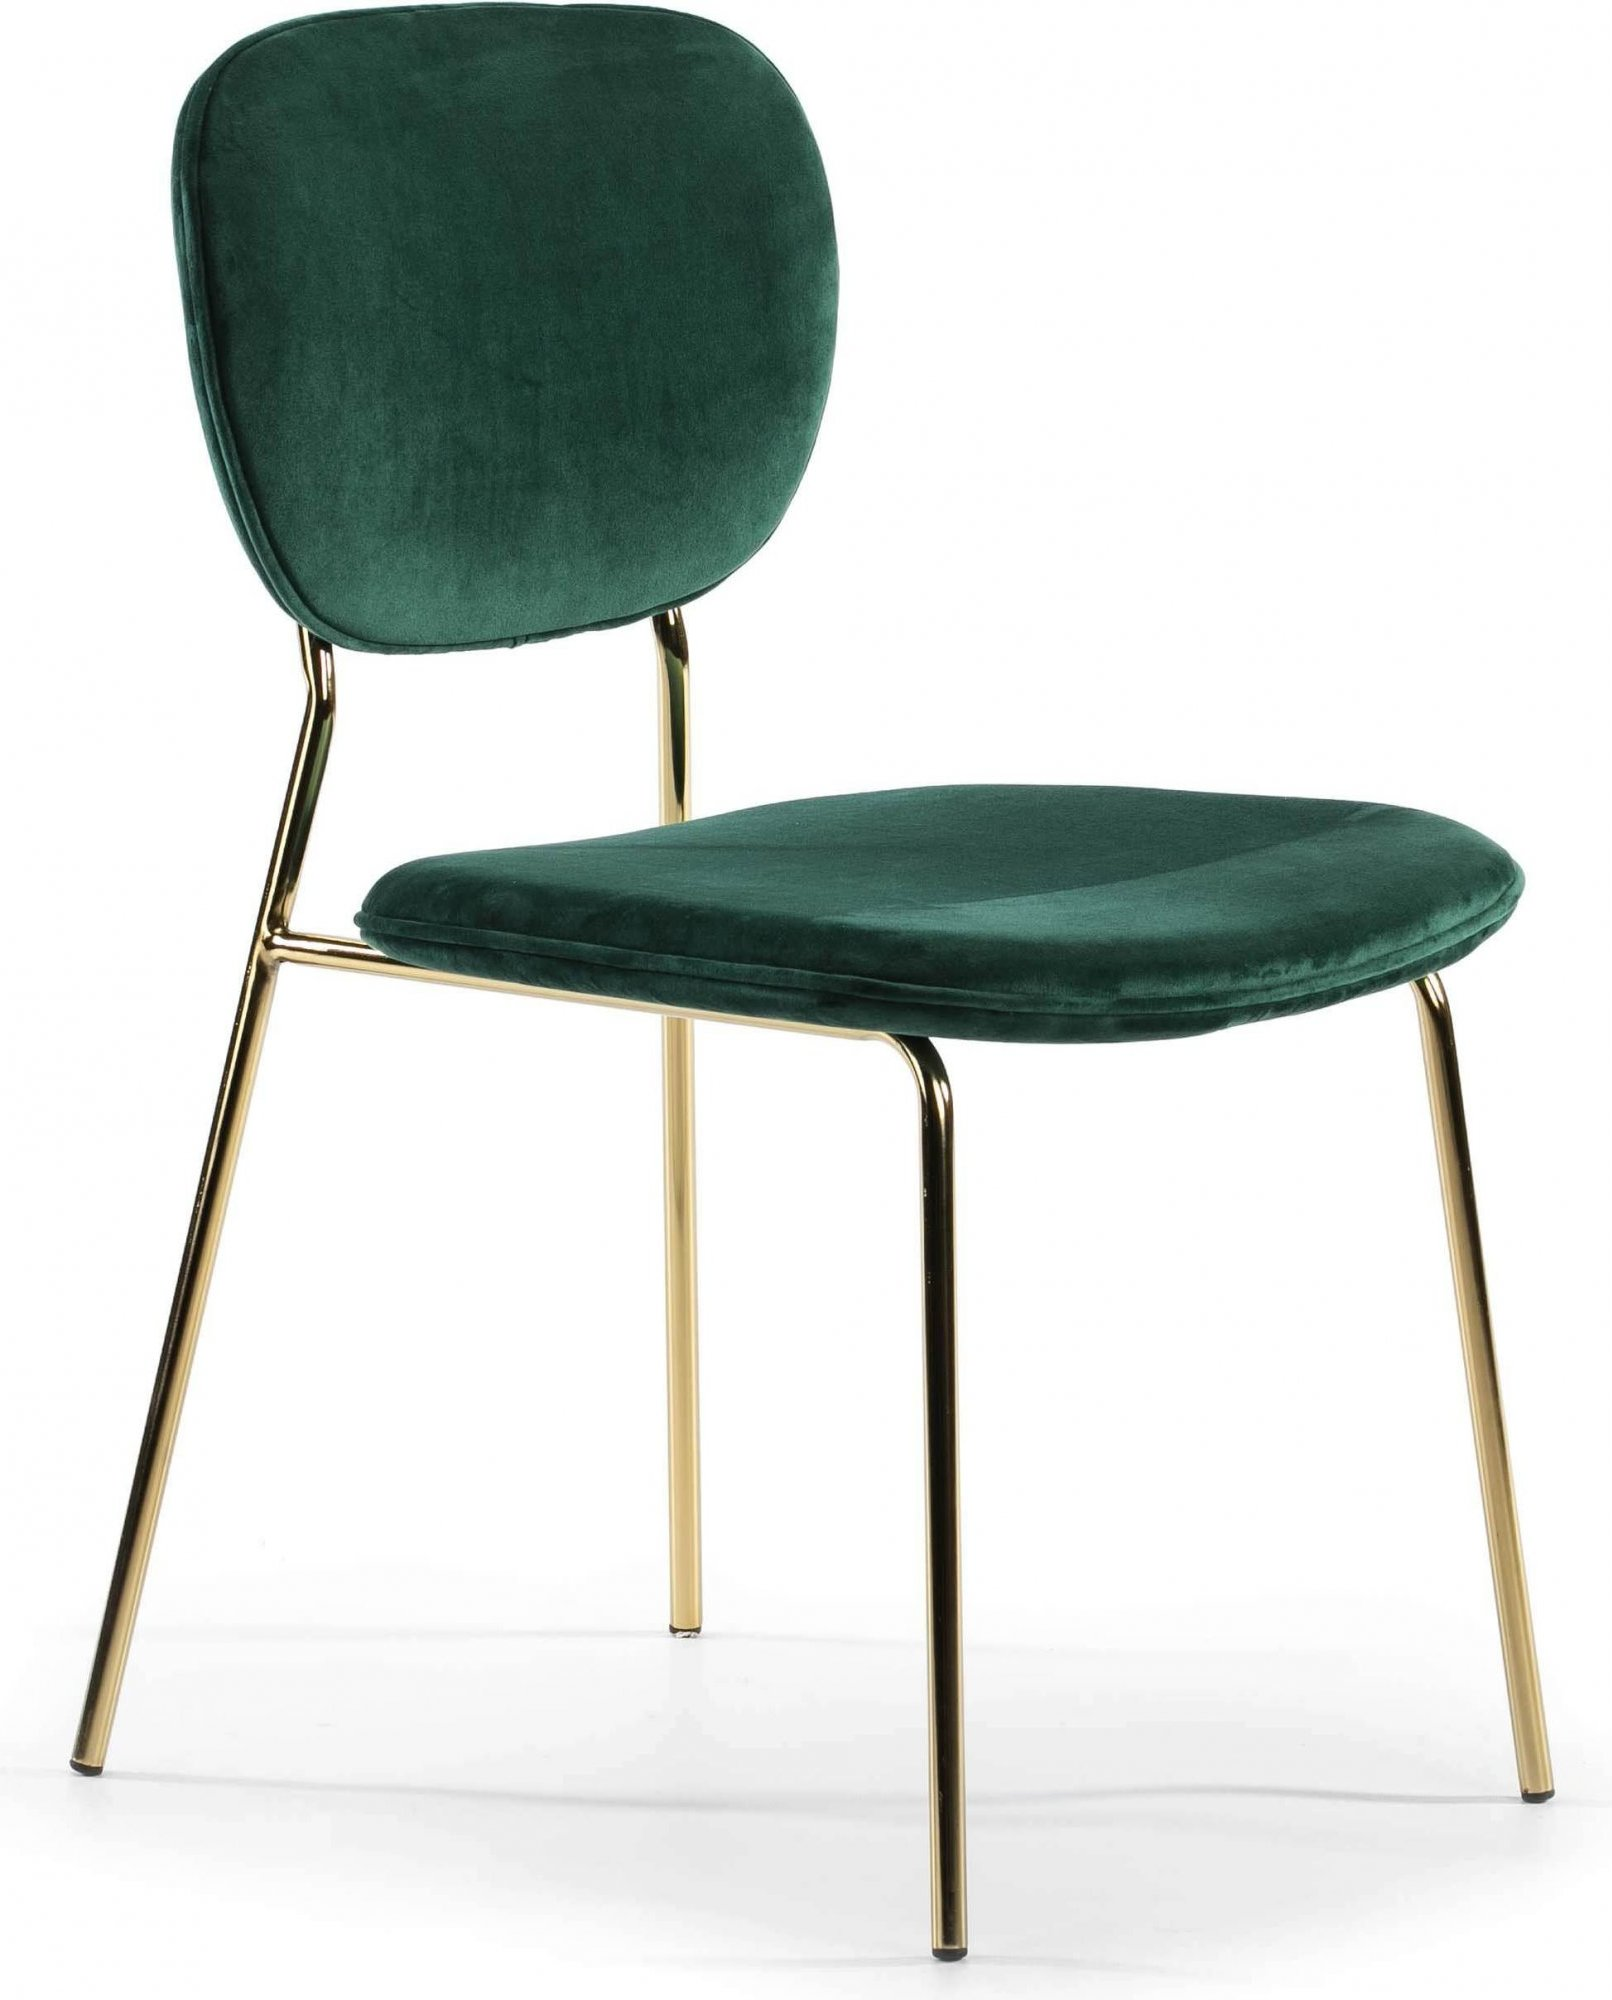 Chaise design rembourrée couleur vert pietement doré